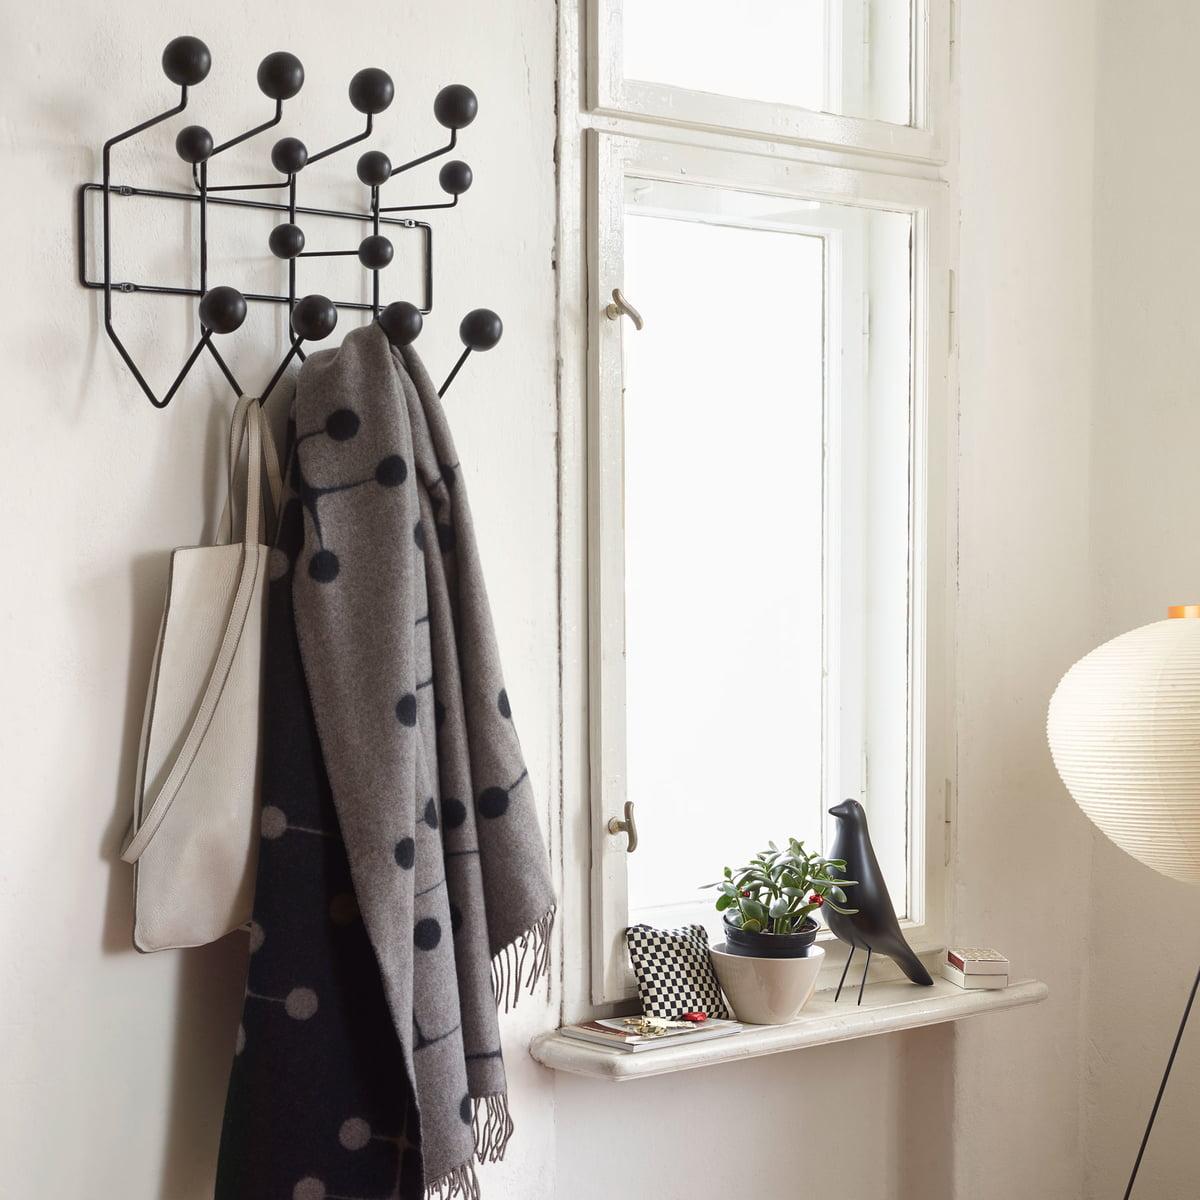 hang it all knager kke fra vitra i webshoppen. Black Bedroom Furniture Sets. Home Design Ideas